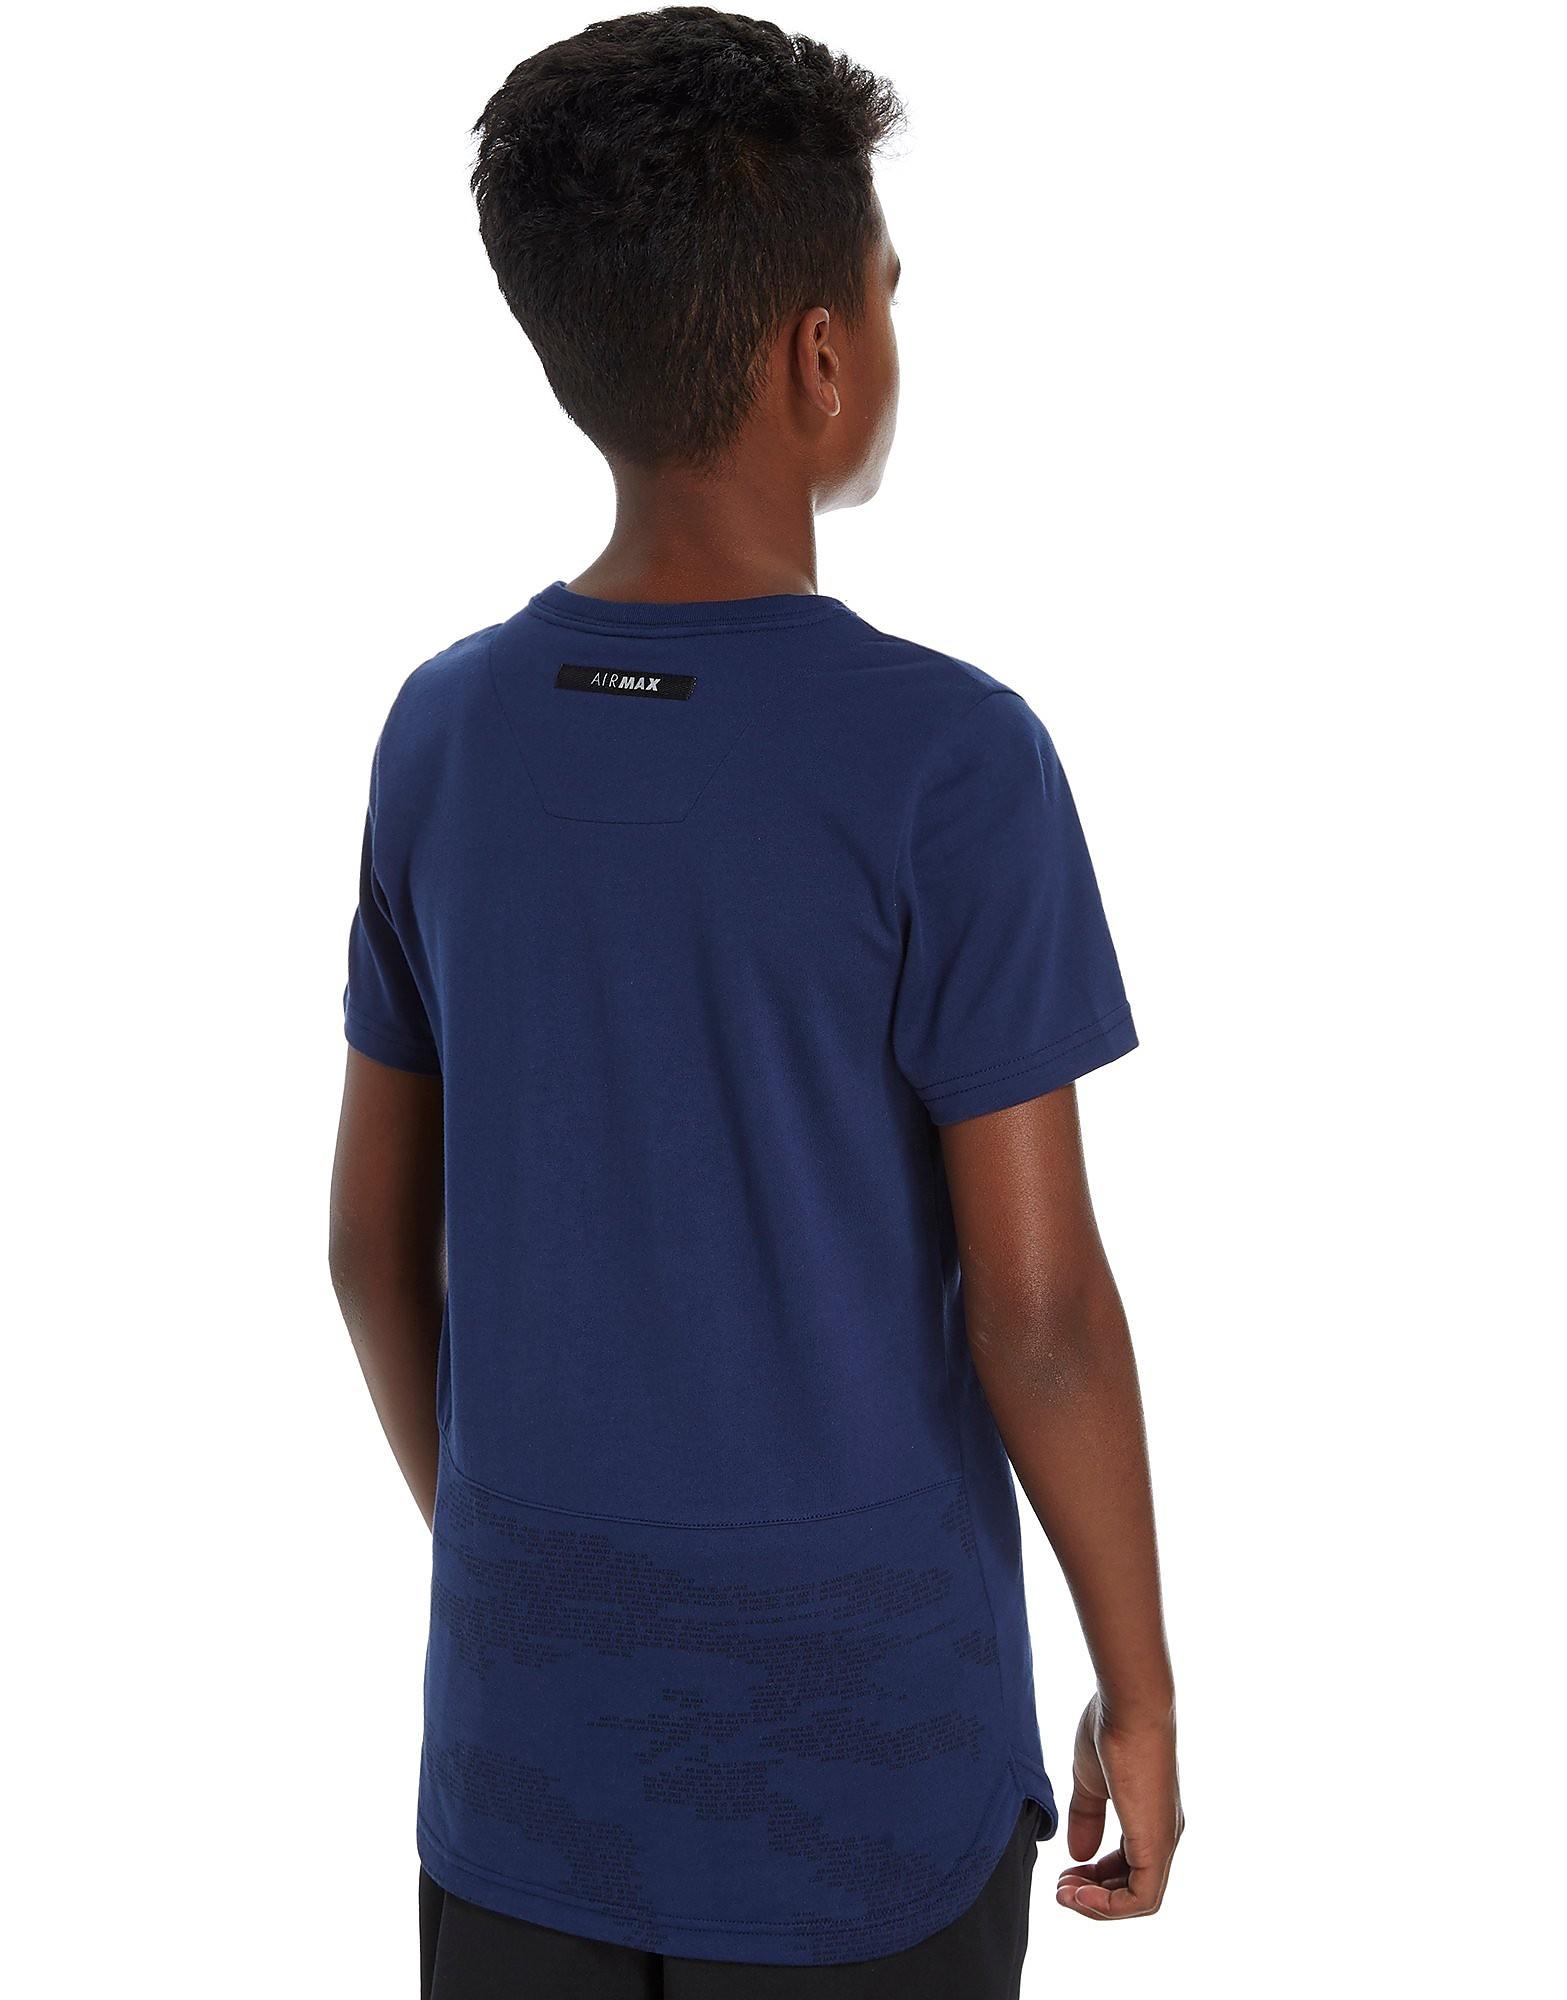 Nike Air Max Cut & Sew T-Shirt Junior